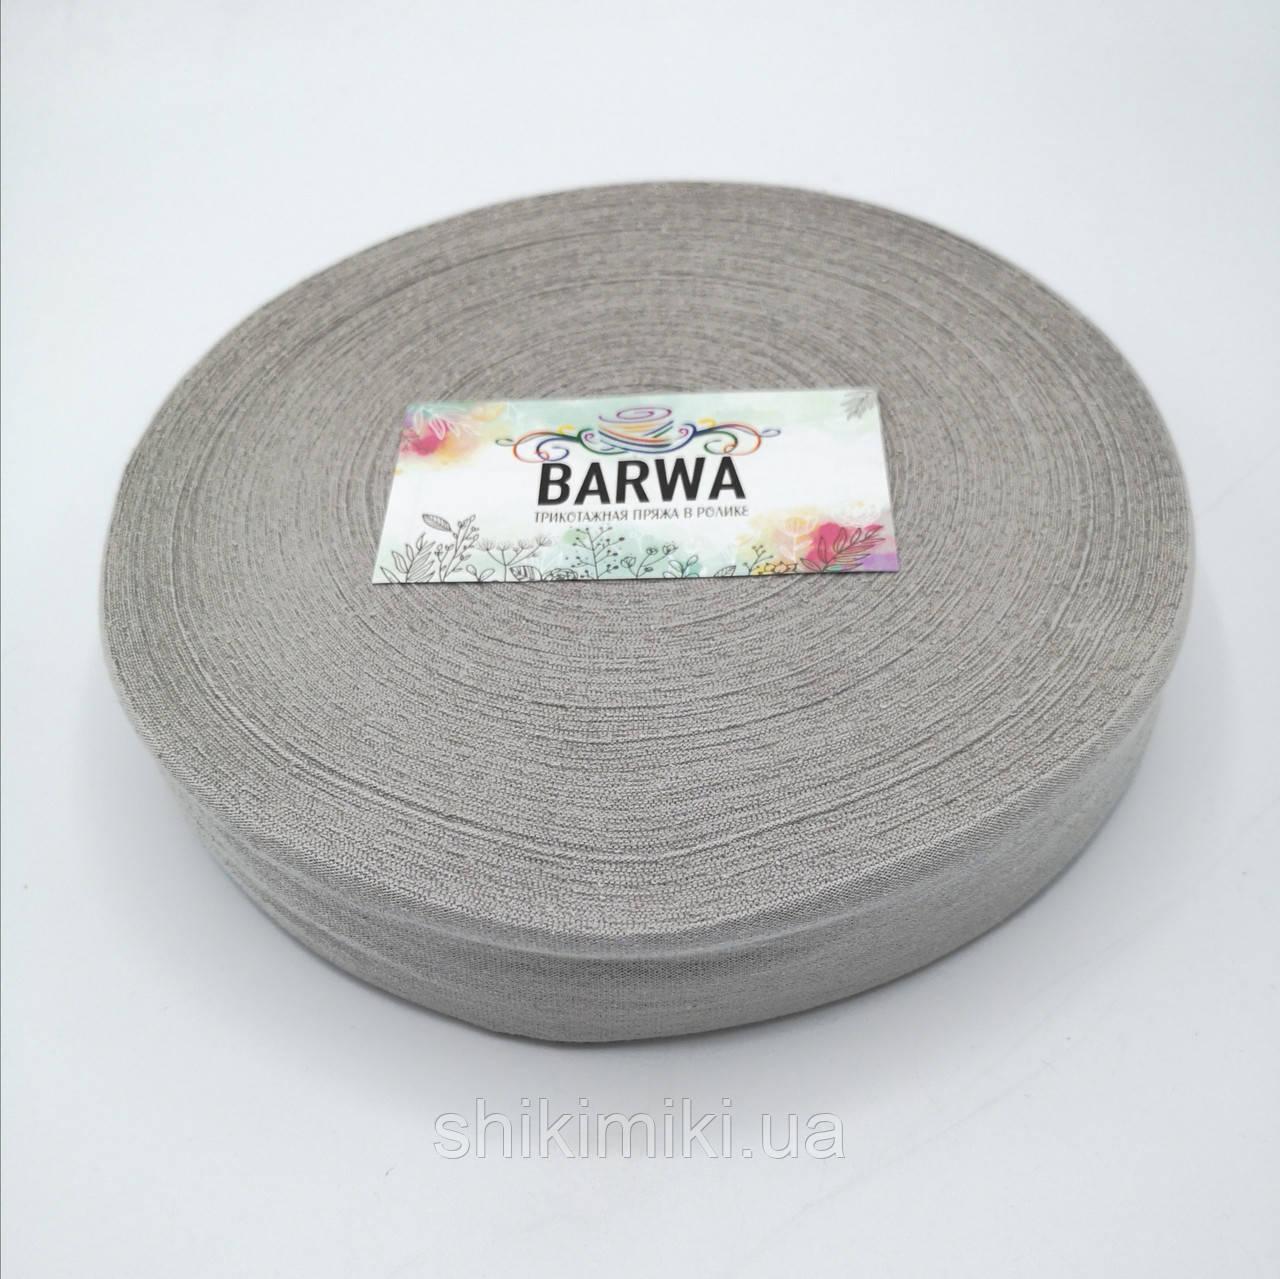 Трикотажная пряжа Barwa в роликах, цвет Пепел